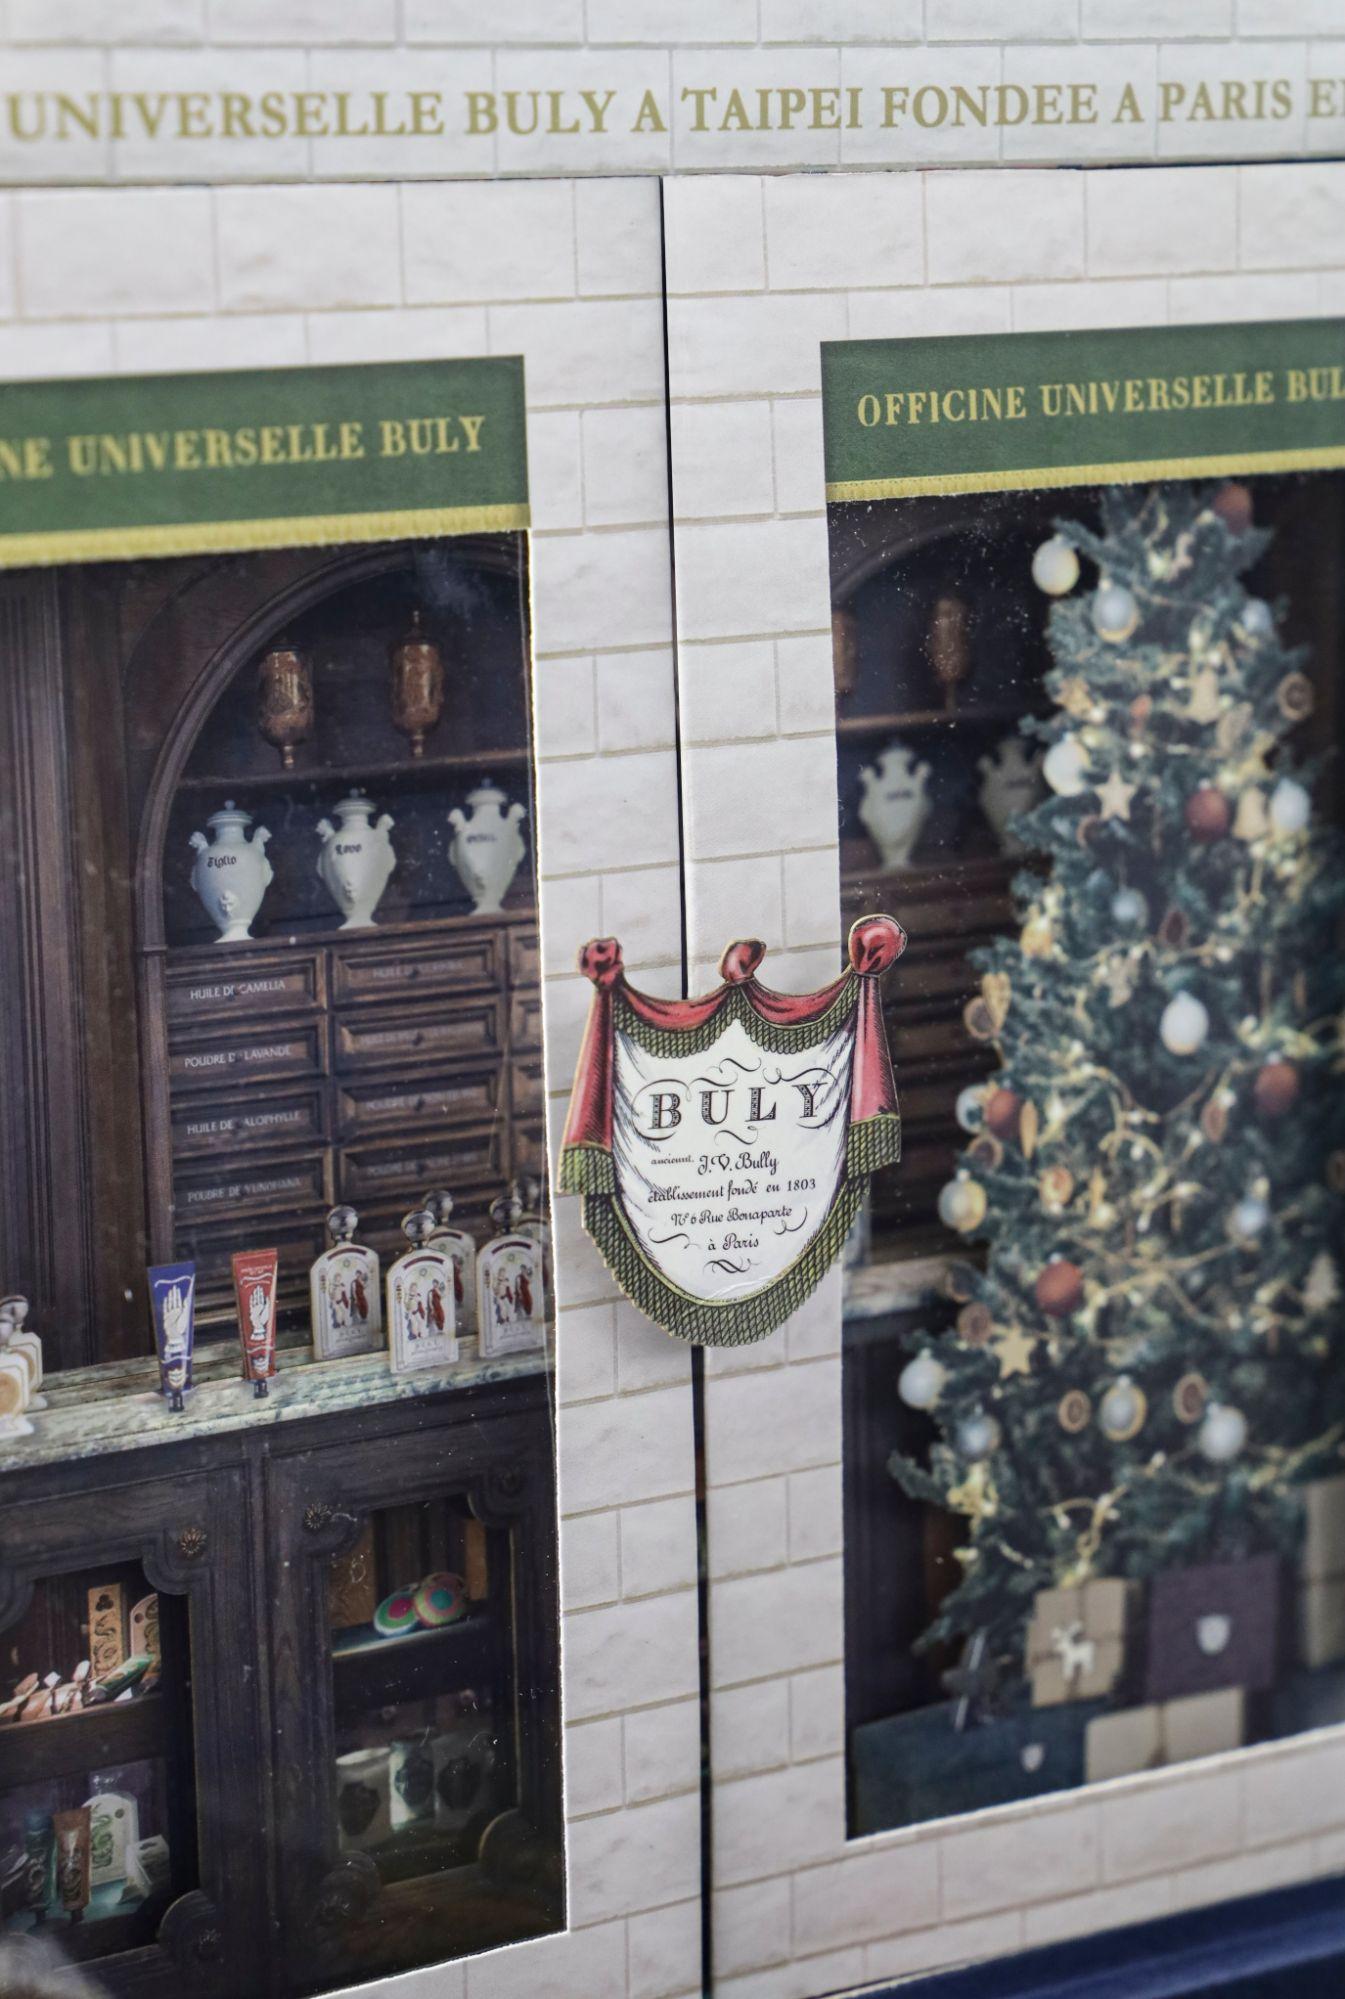 Buly 1803 台灣限定販售聖誕禮盒,以精巧手工紙雕悉心復刻台北敦南門市的店面。